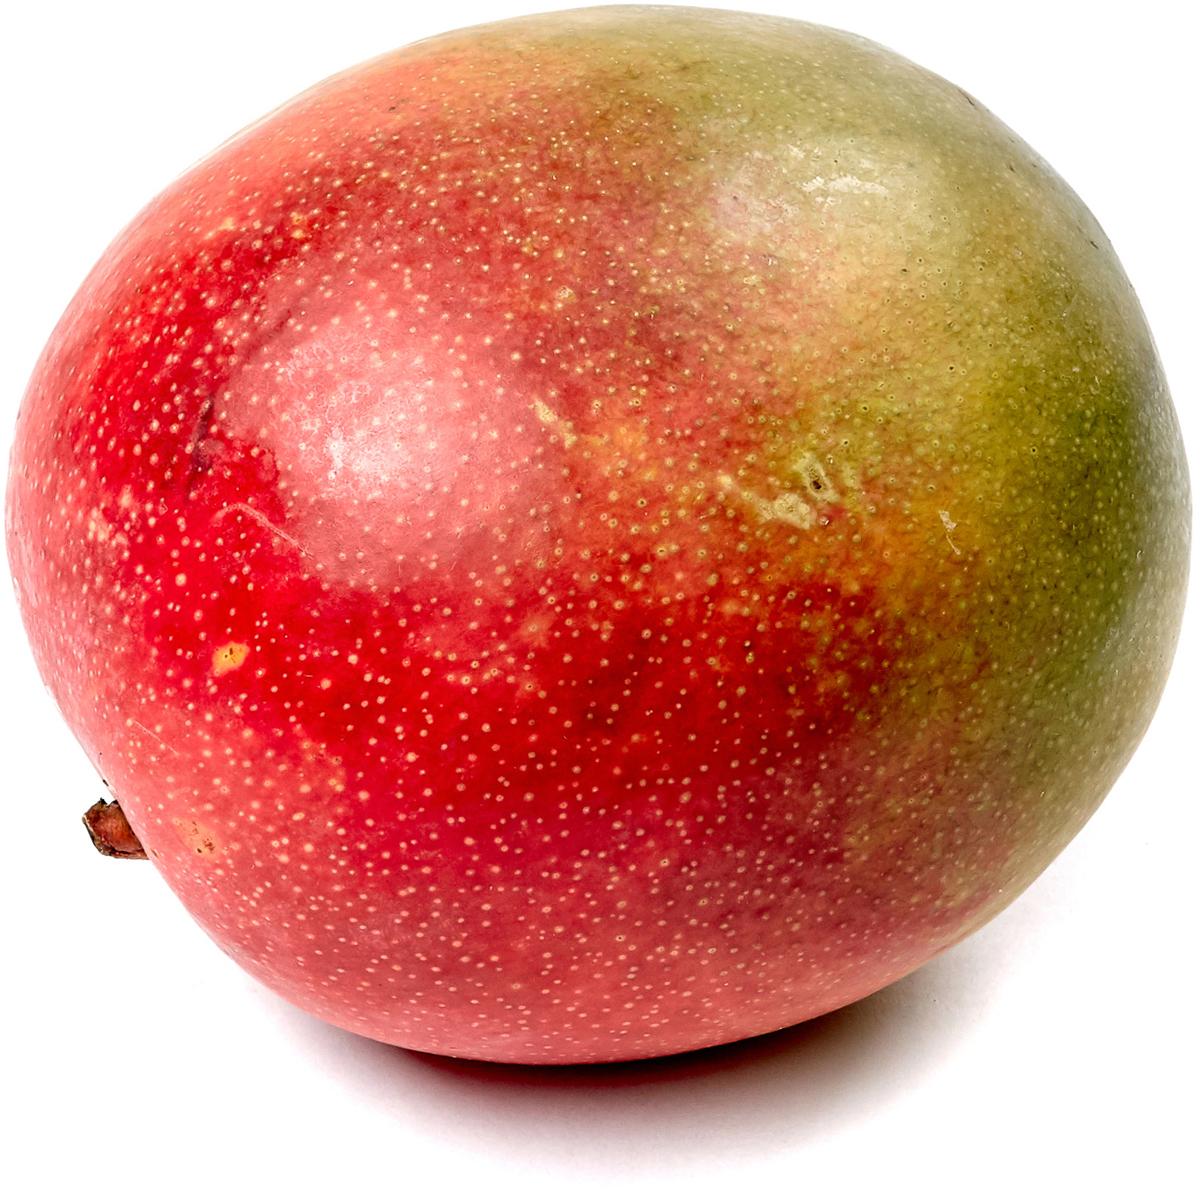 Artfruit Манго спелое, 1 шт